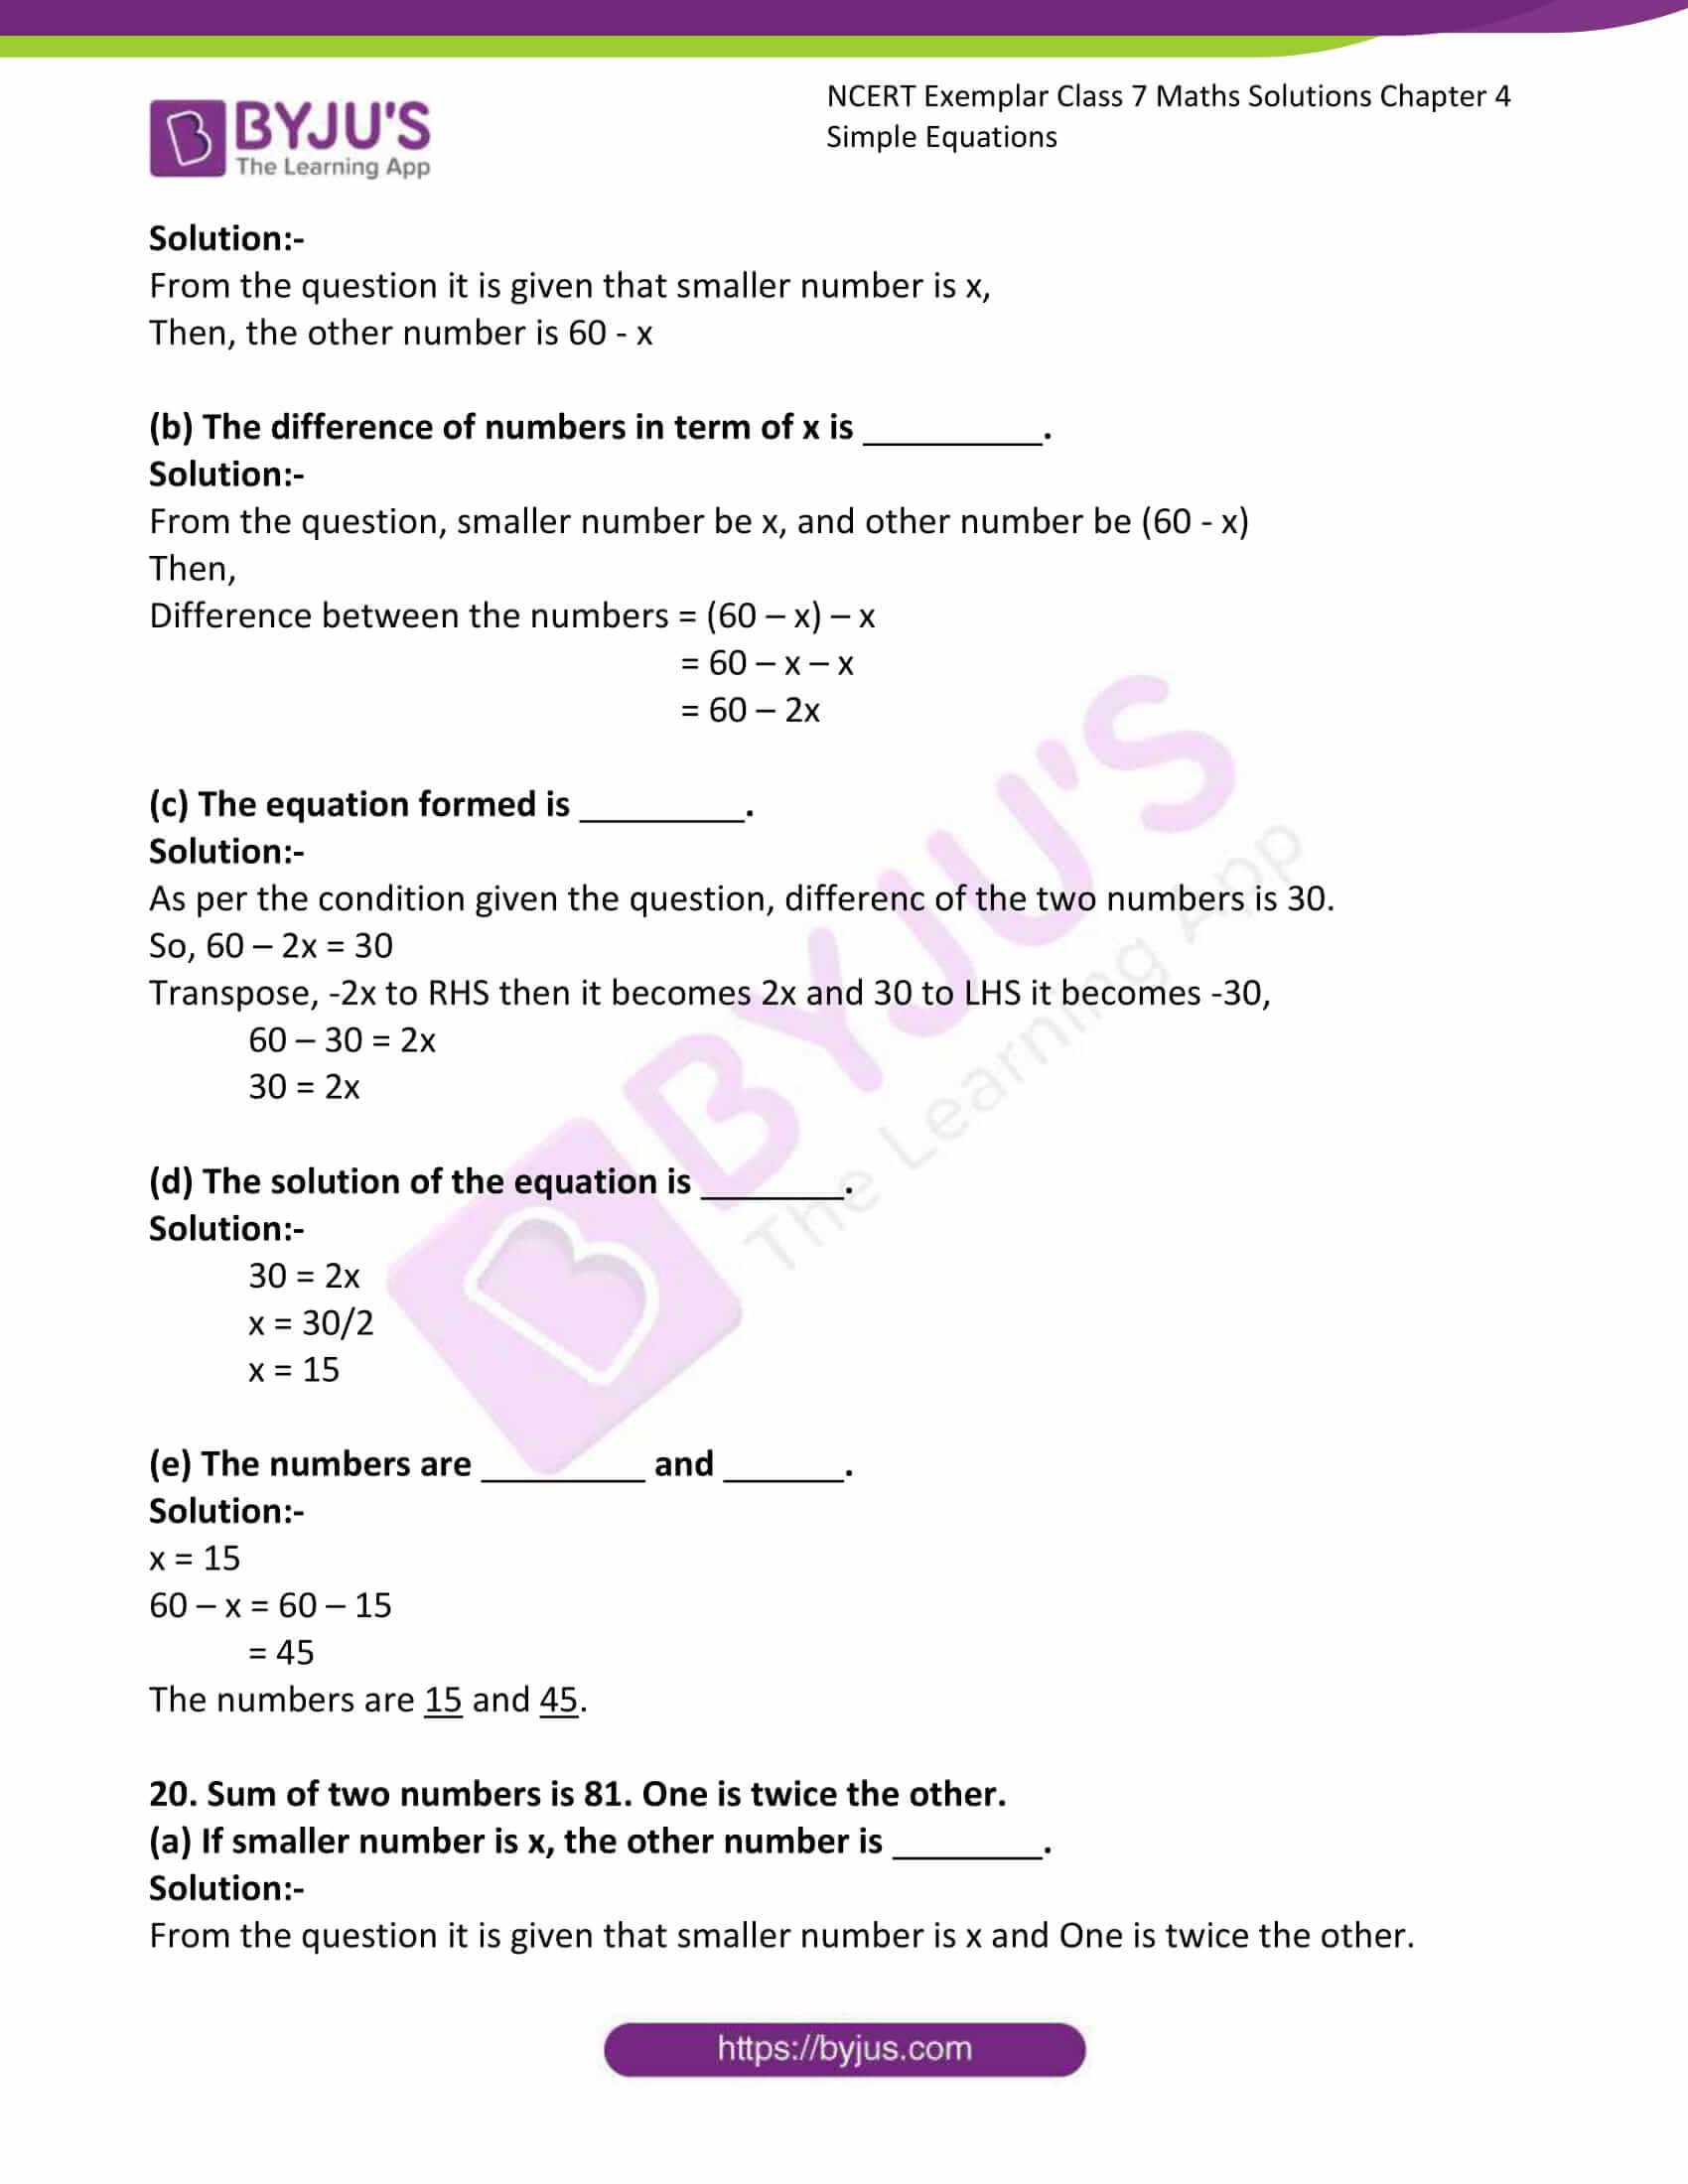 ncert exemplar class 7 maths solutions chapter 4 simple 06